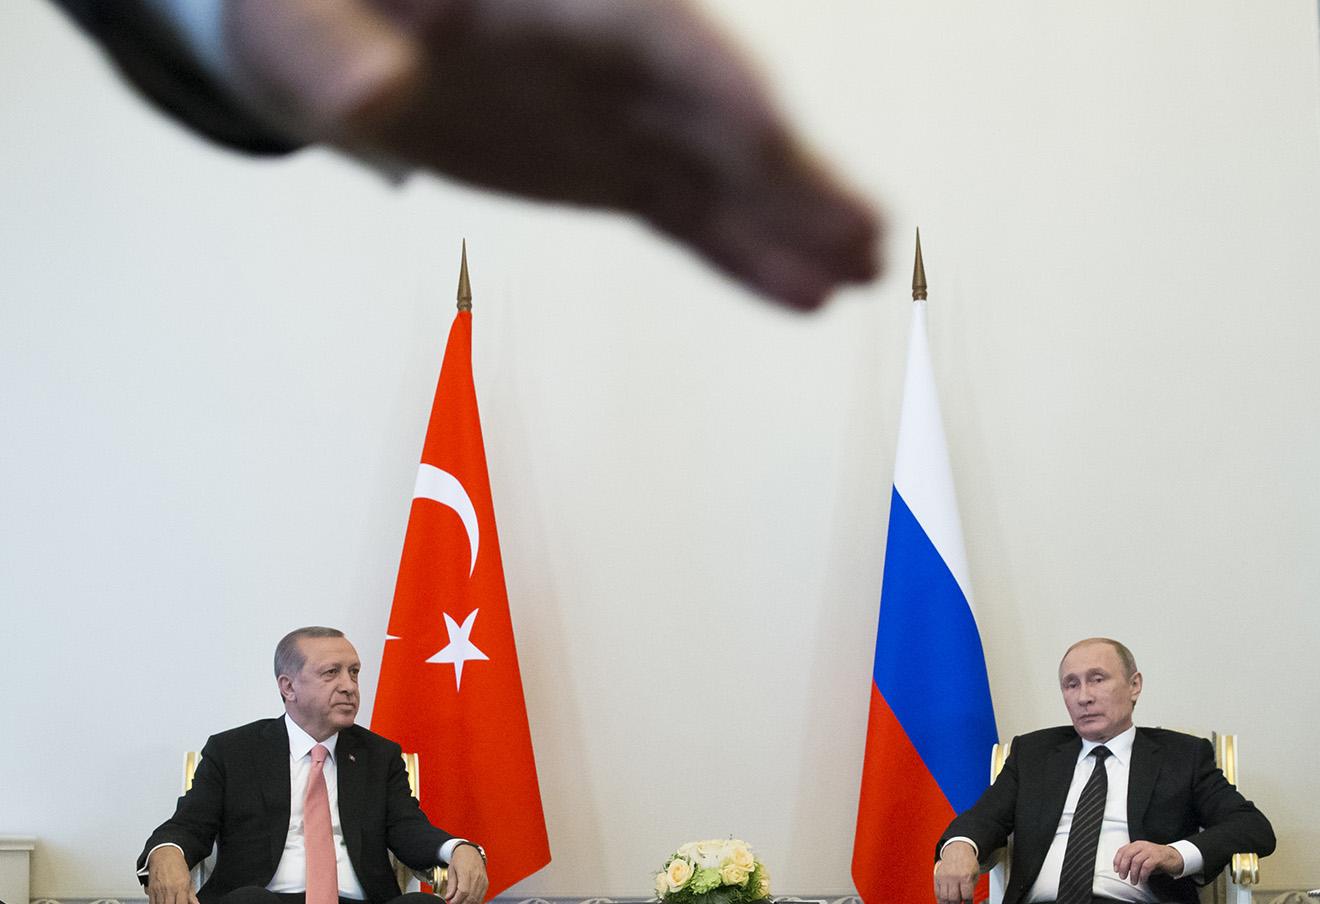 Реджеп Тайип Эрдоган и Владимир Путин, 9 августа 2016 года.